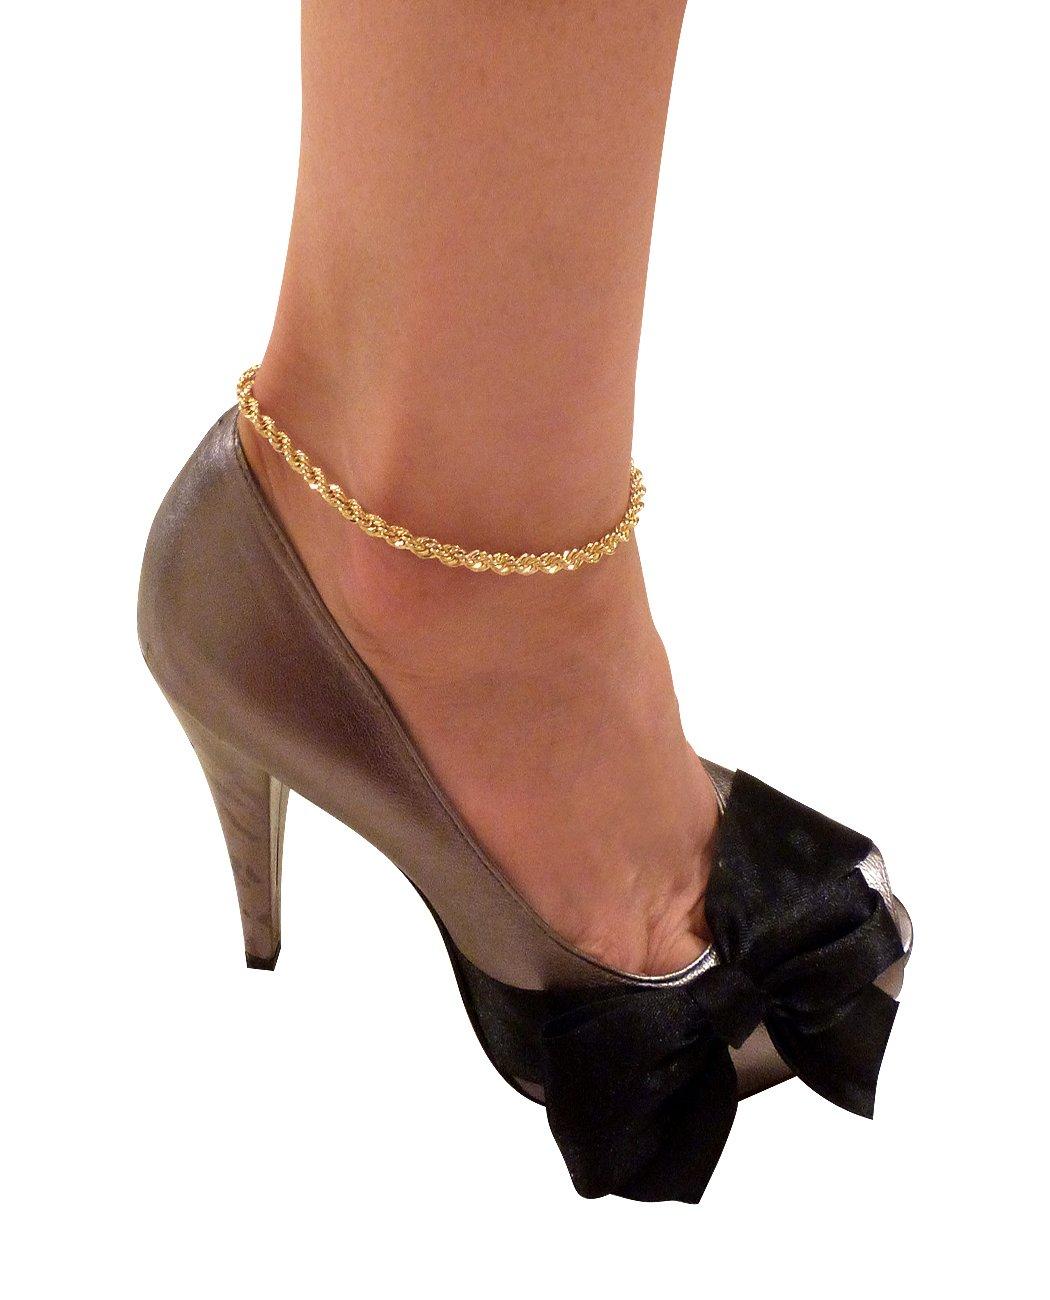 Women's Gold-Tone 10 Various Chain Ankle Bracelet Anklet NYFASHION101 XAK8003